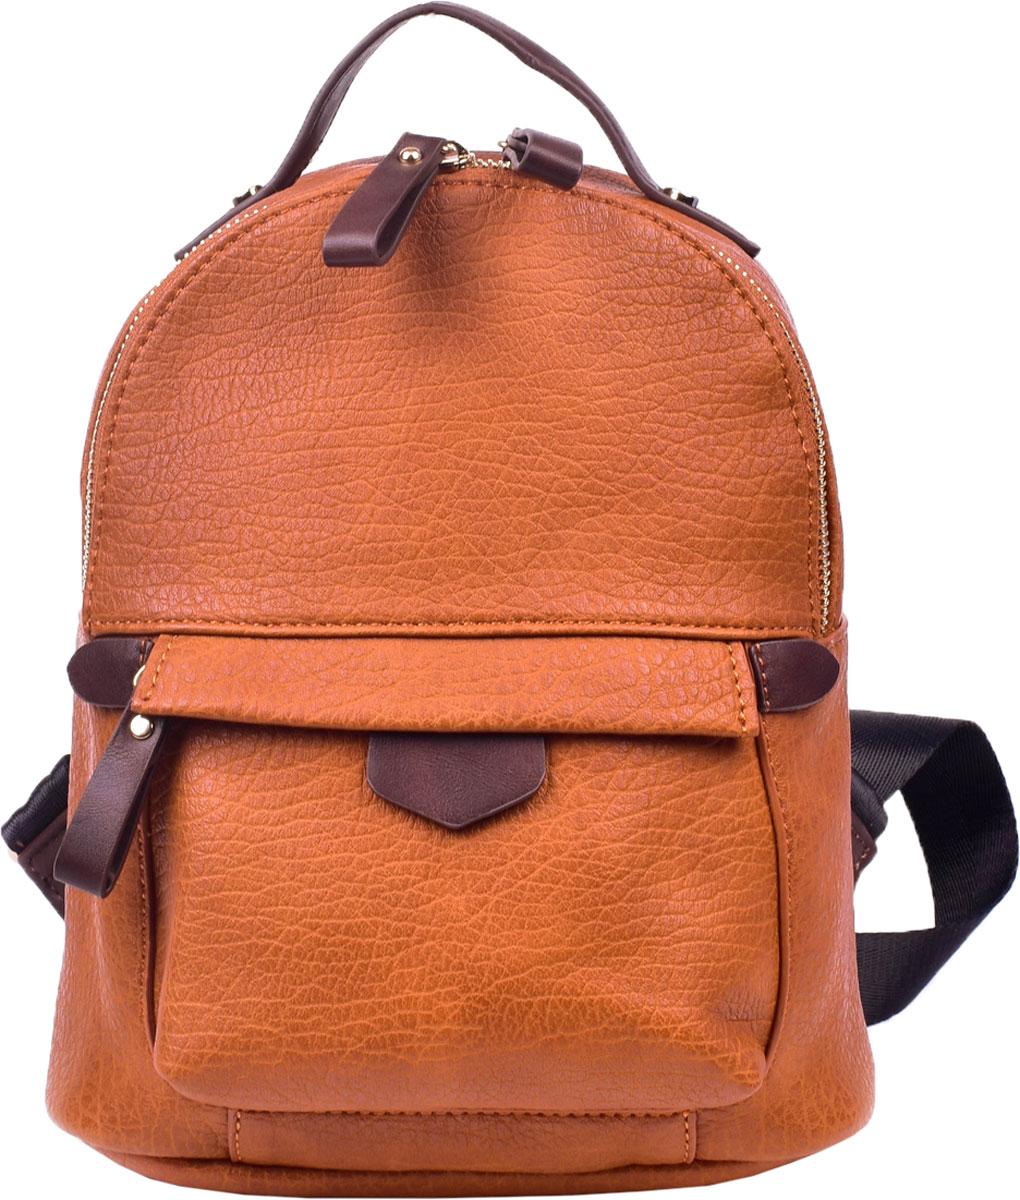 Сумка-рюкзак женская Renee Kleri, цвет: рыжий . RK419-05RK419-05Стильная женская сумка-рюкзак Renee Kler выполнена из искусственной кожи. Сумка-рюкзак застегивается на молнию и имеет одно вместительное отделение. Внутри расположены карман на молнии и открытый кармашек. На фронтальной стороне имеется объемный карман на молнии, на тыльной – карман на молнии. Лямки регулируются по длине. Имеется ручка для переноски.